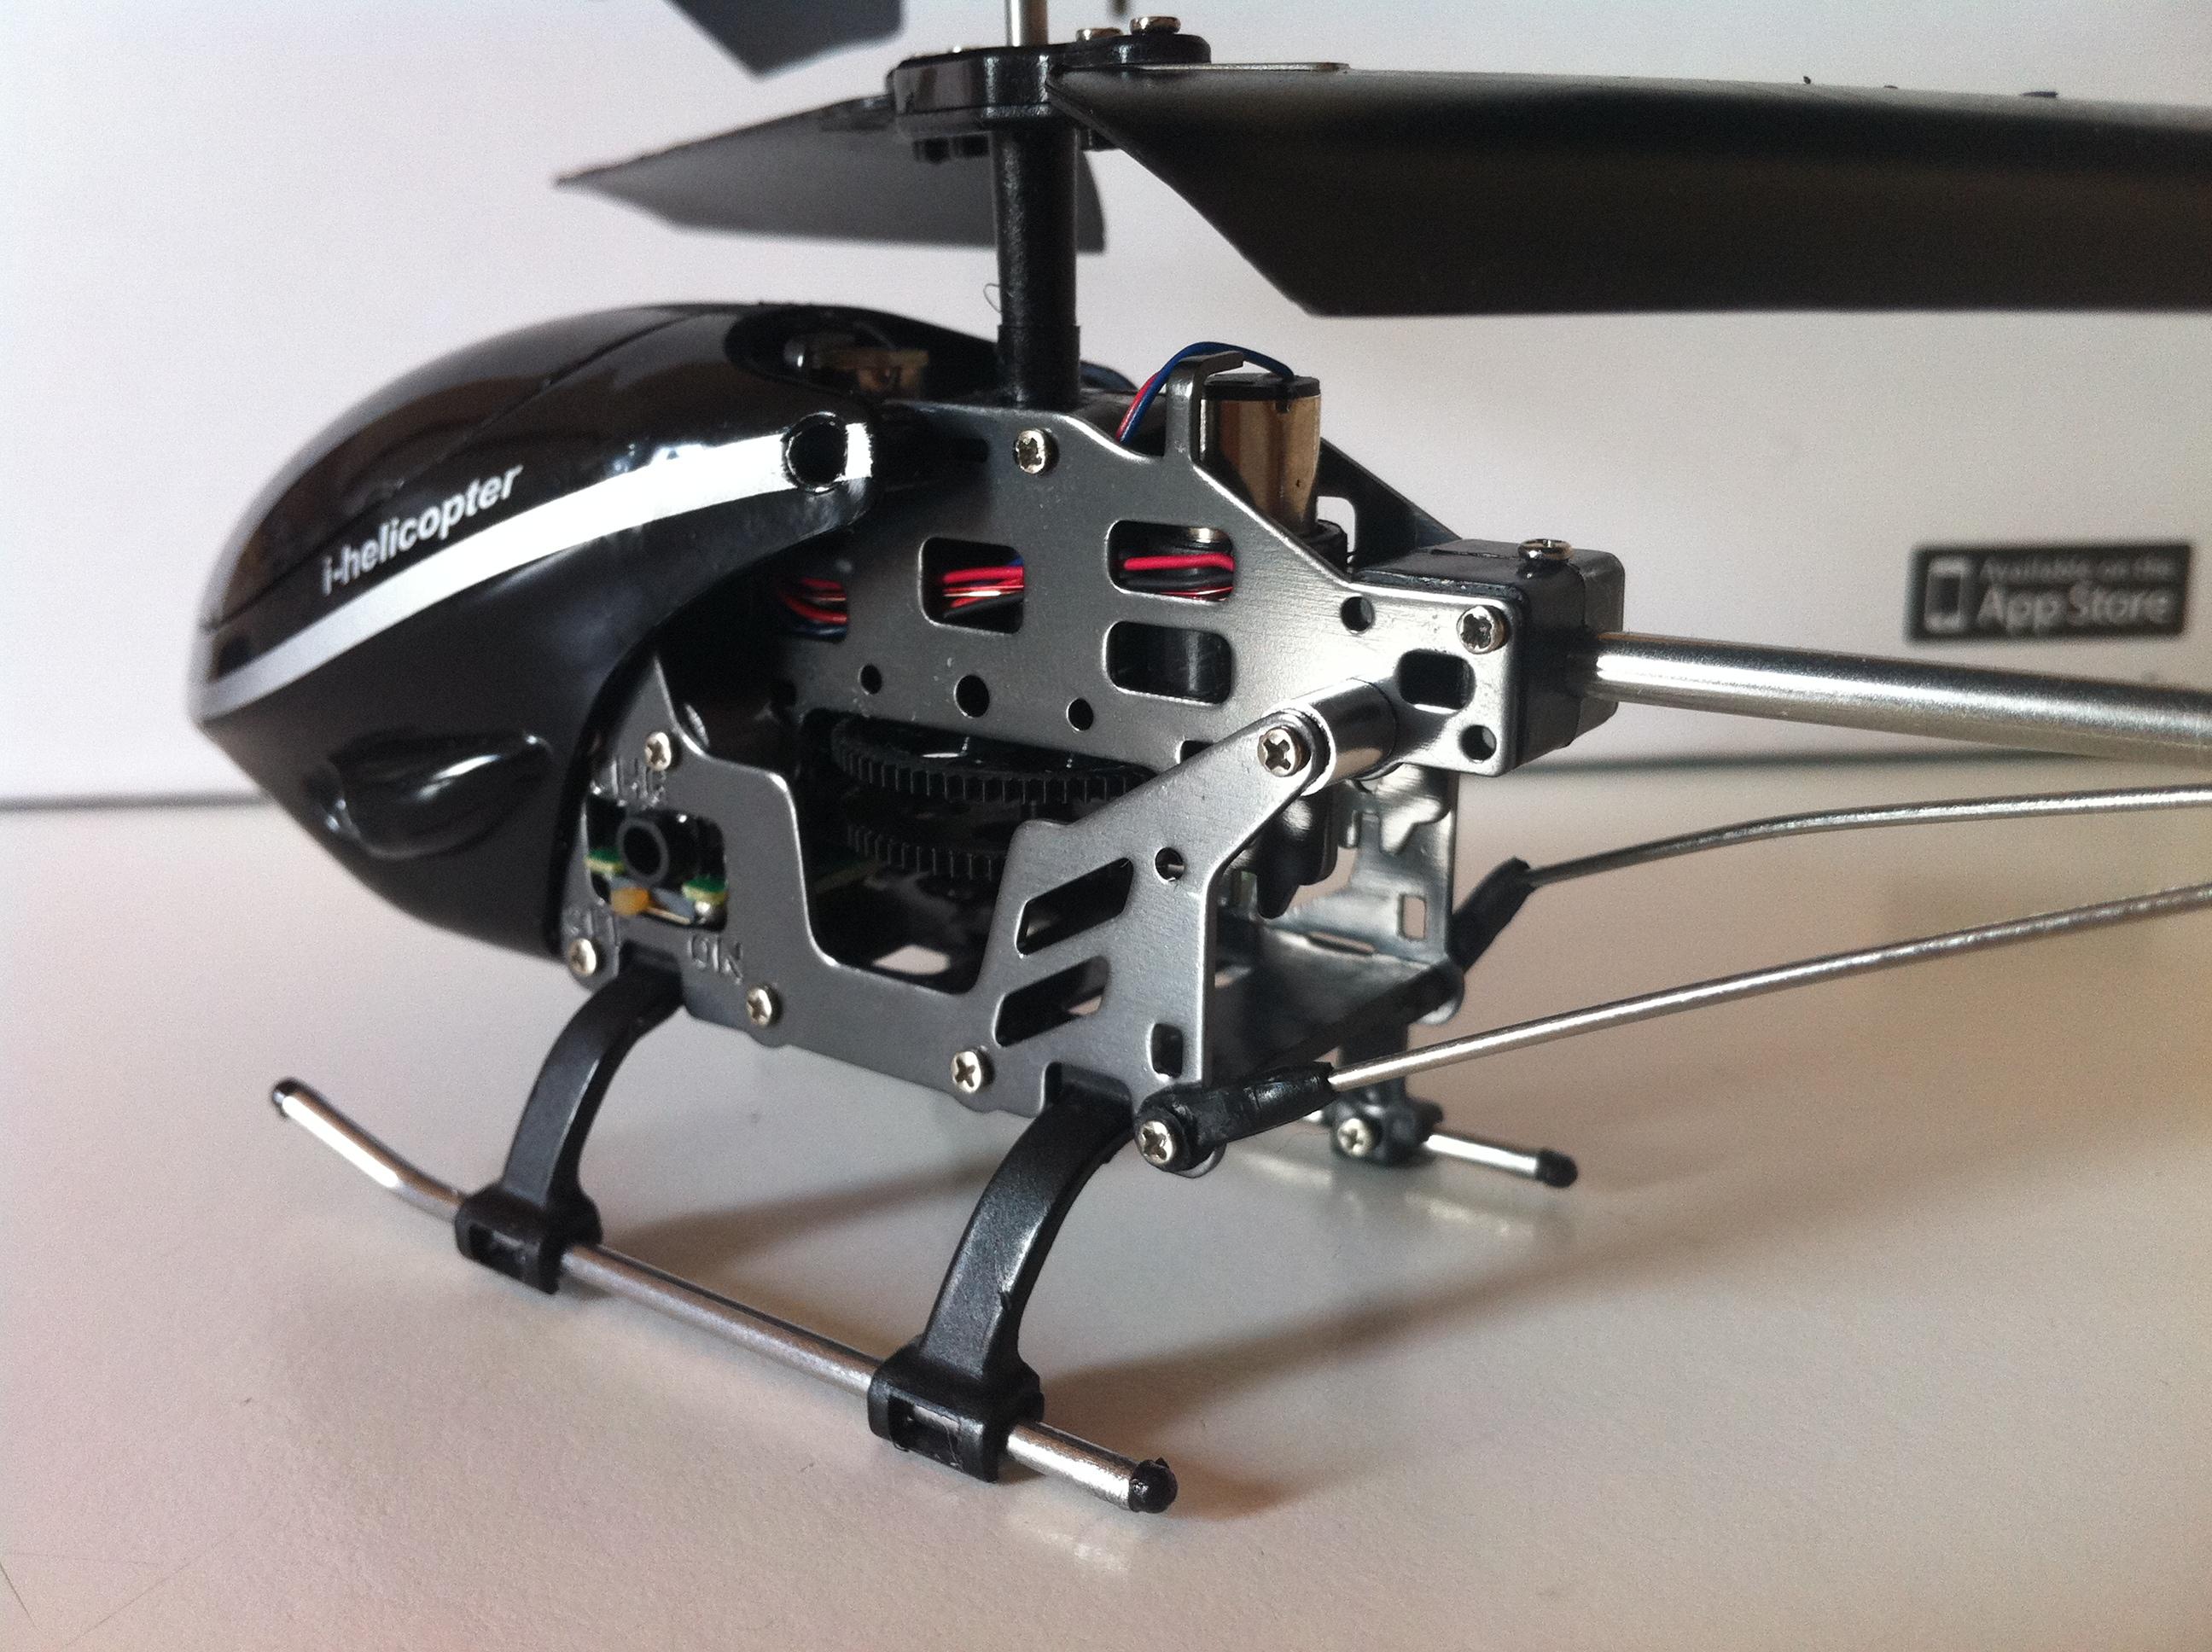 Elicottero Telecomandato Con Telecamera : Ispazio prova ihelicopter il piccolo elicottero